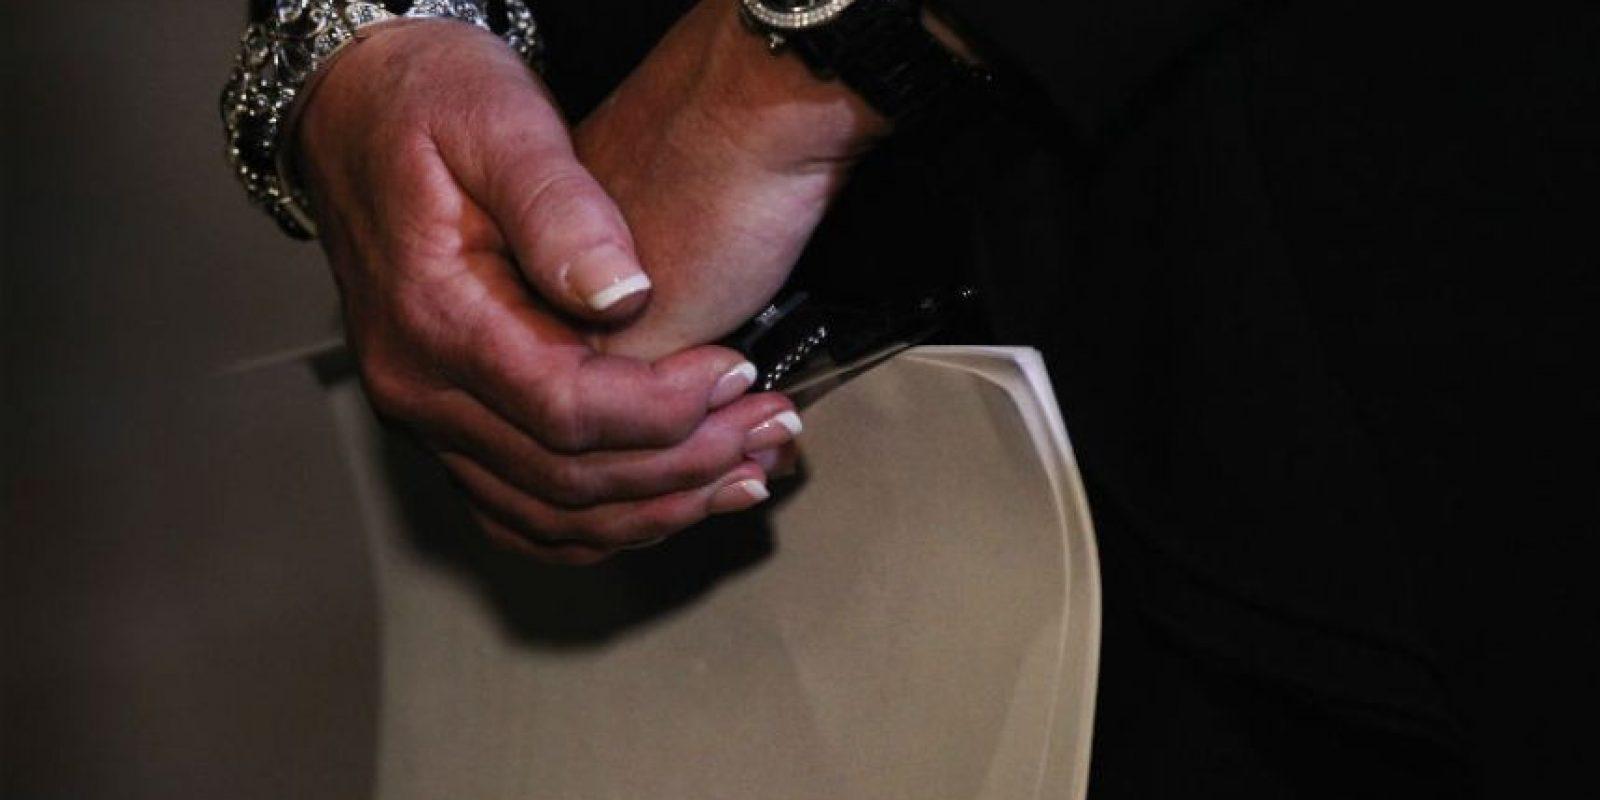 Los principales acosadores son hombres que ejercen este tipo de comportamiento. Foto:Getty Images